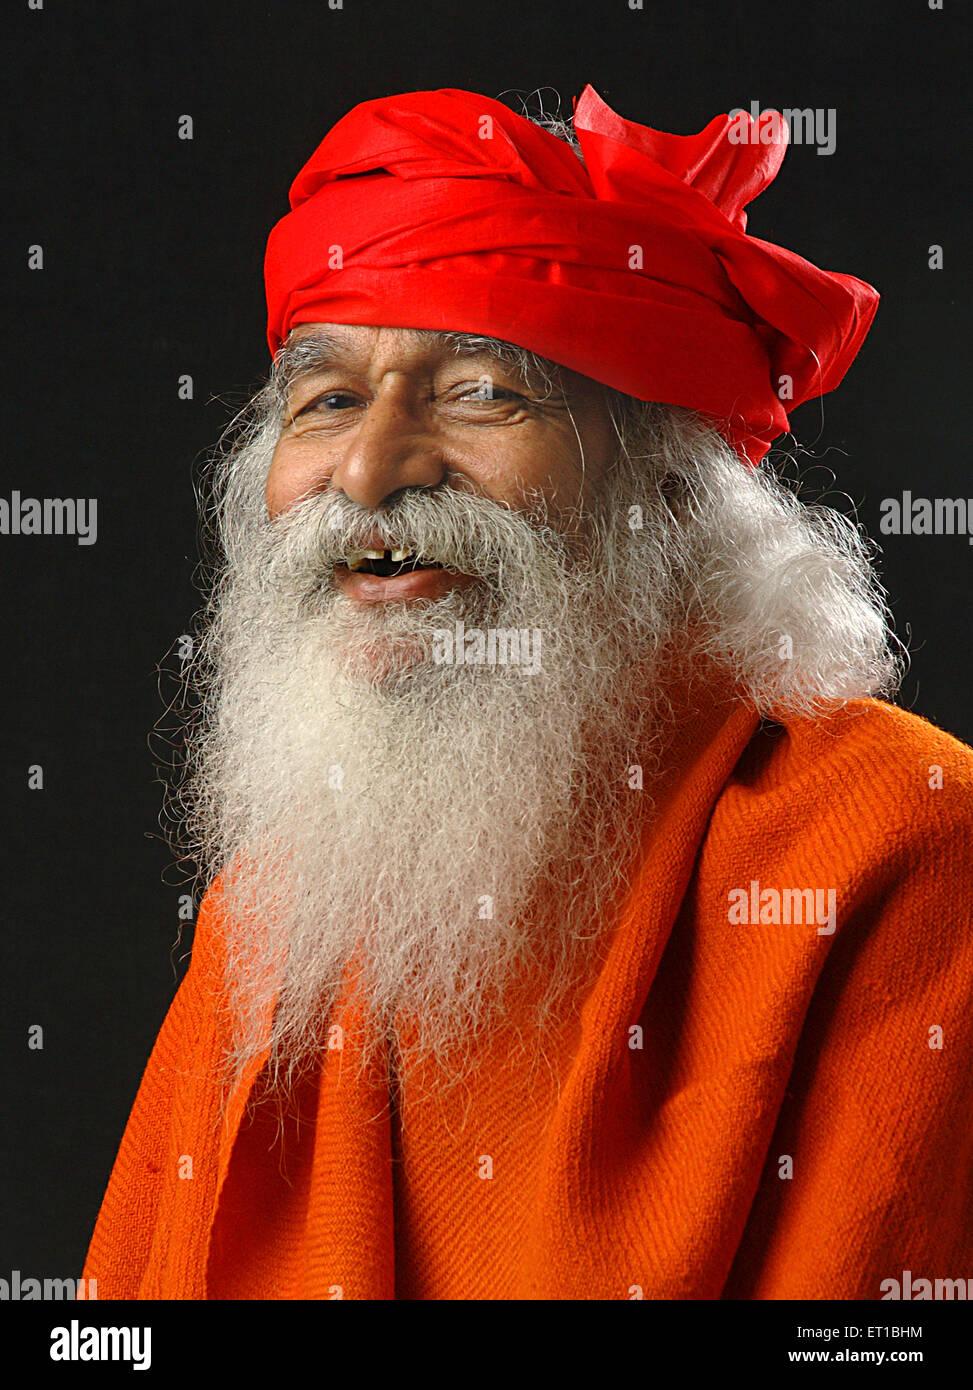 Old sadhu laughing in red turban ; Jodhpur ; Rajasthan ; India MR#746B - Stock Image